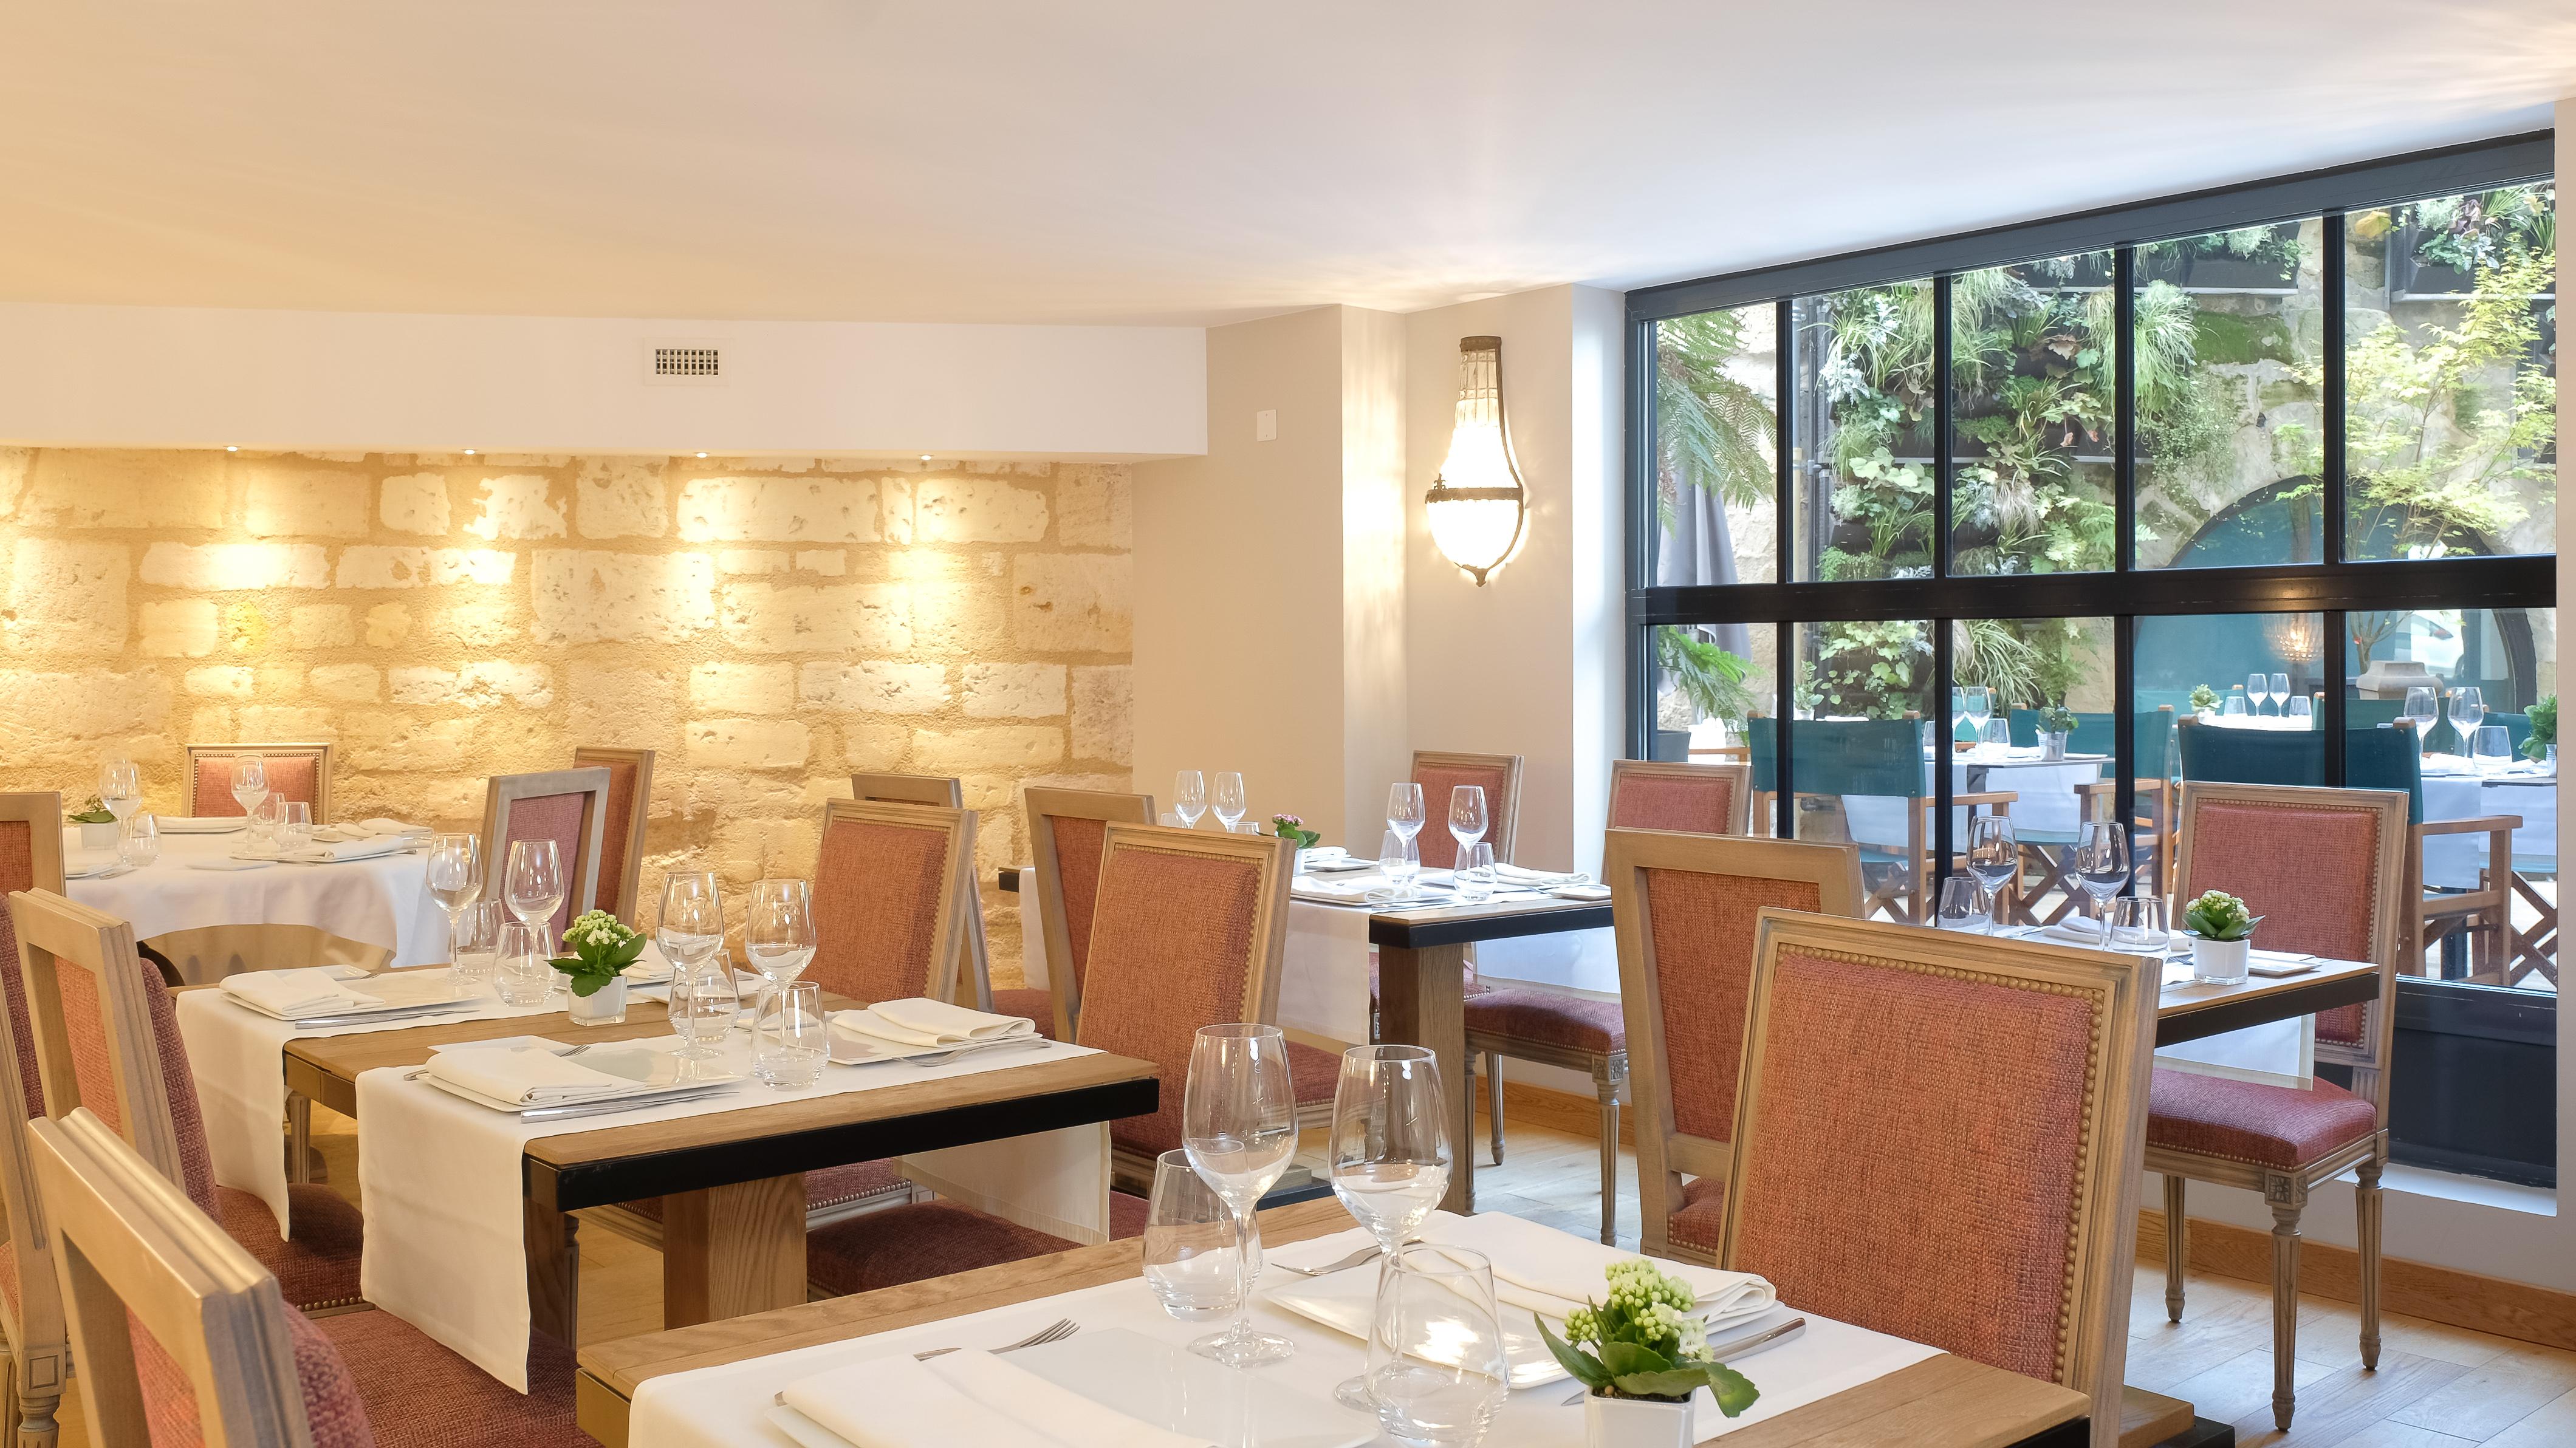 Présentation de Vatel à Bordeaux - Image 4